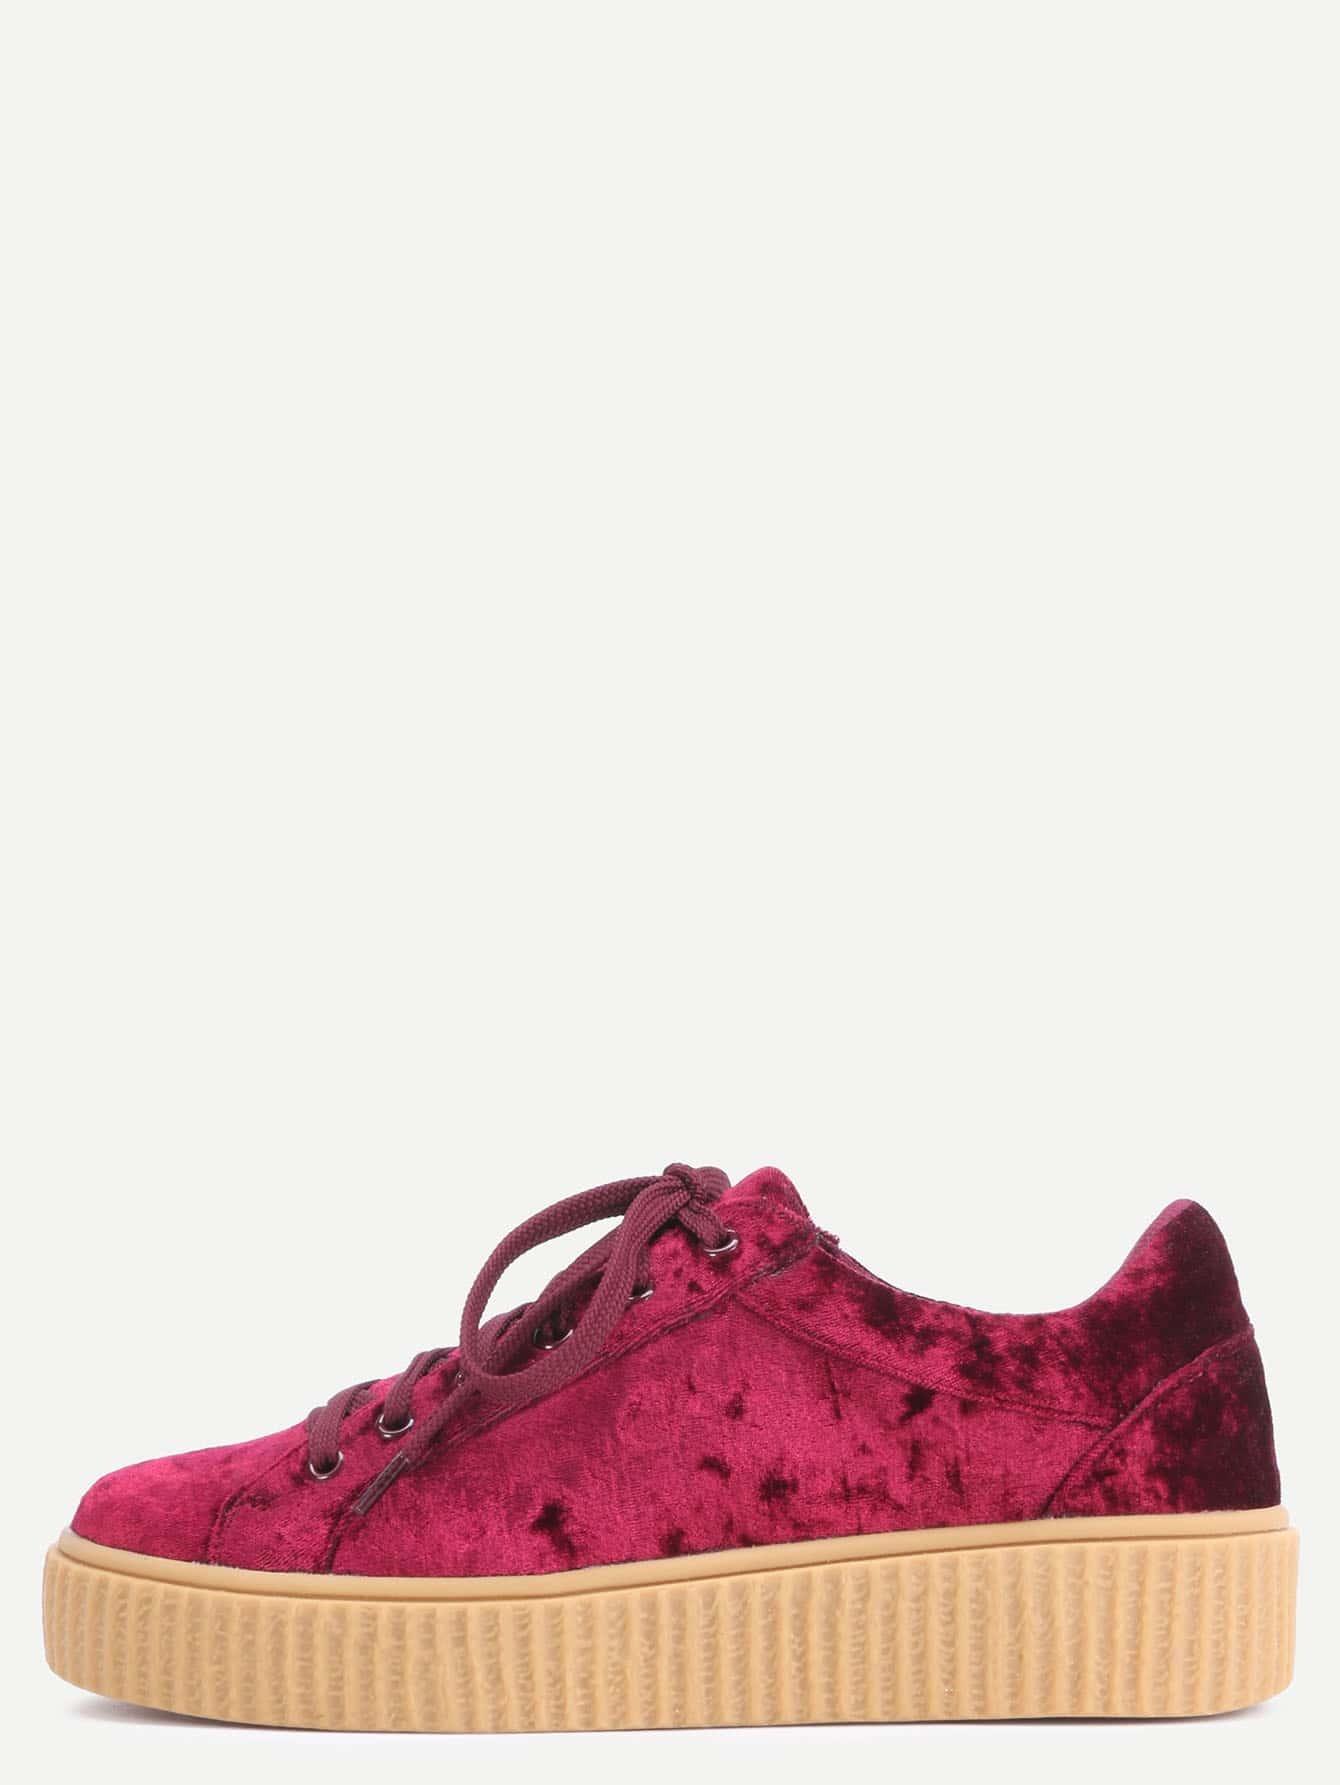 Faux Suede Platform Sneakers BURGUNDYFaux Suede Platform Sneakers BURGUNDY<br><br>color: Burgundy<br>size: US10,US11,US6.5,US6,US7.5,US7,US8.5,US8,US9